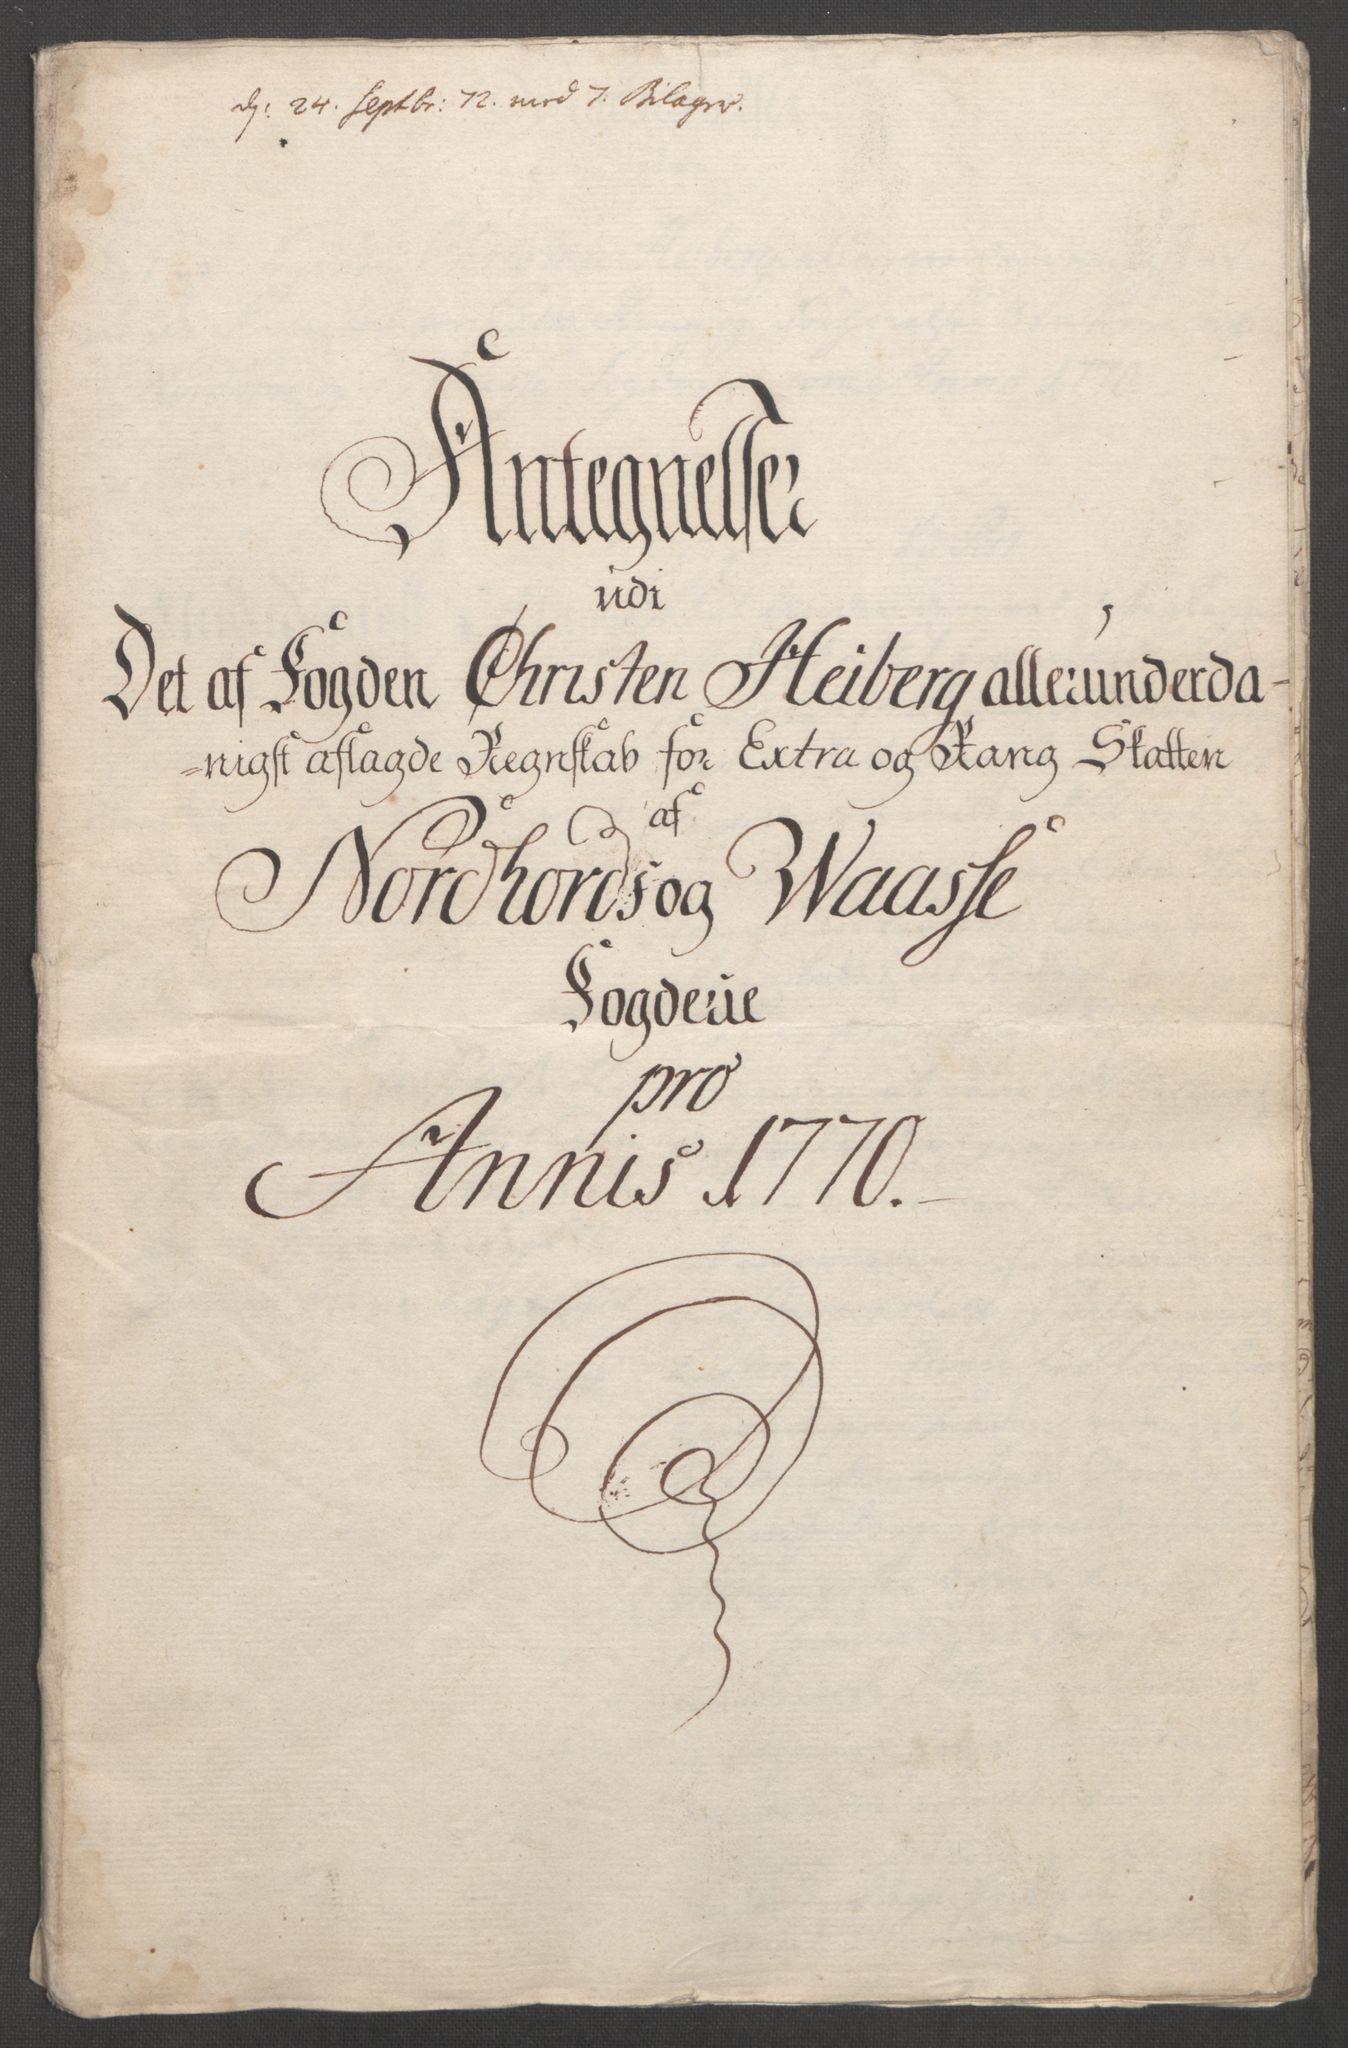 RA, Rentekammeret inntil 1814, Reviderte regnskaper, Fogderegnskap, R51/L3303: Ekstraskatten Nordhordland og Voss, 1762-1772, s. 632